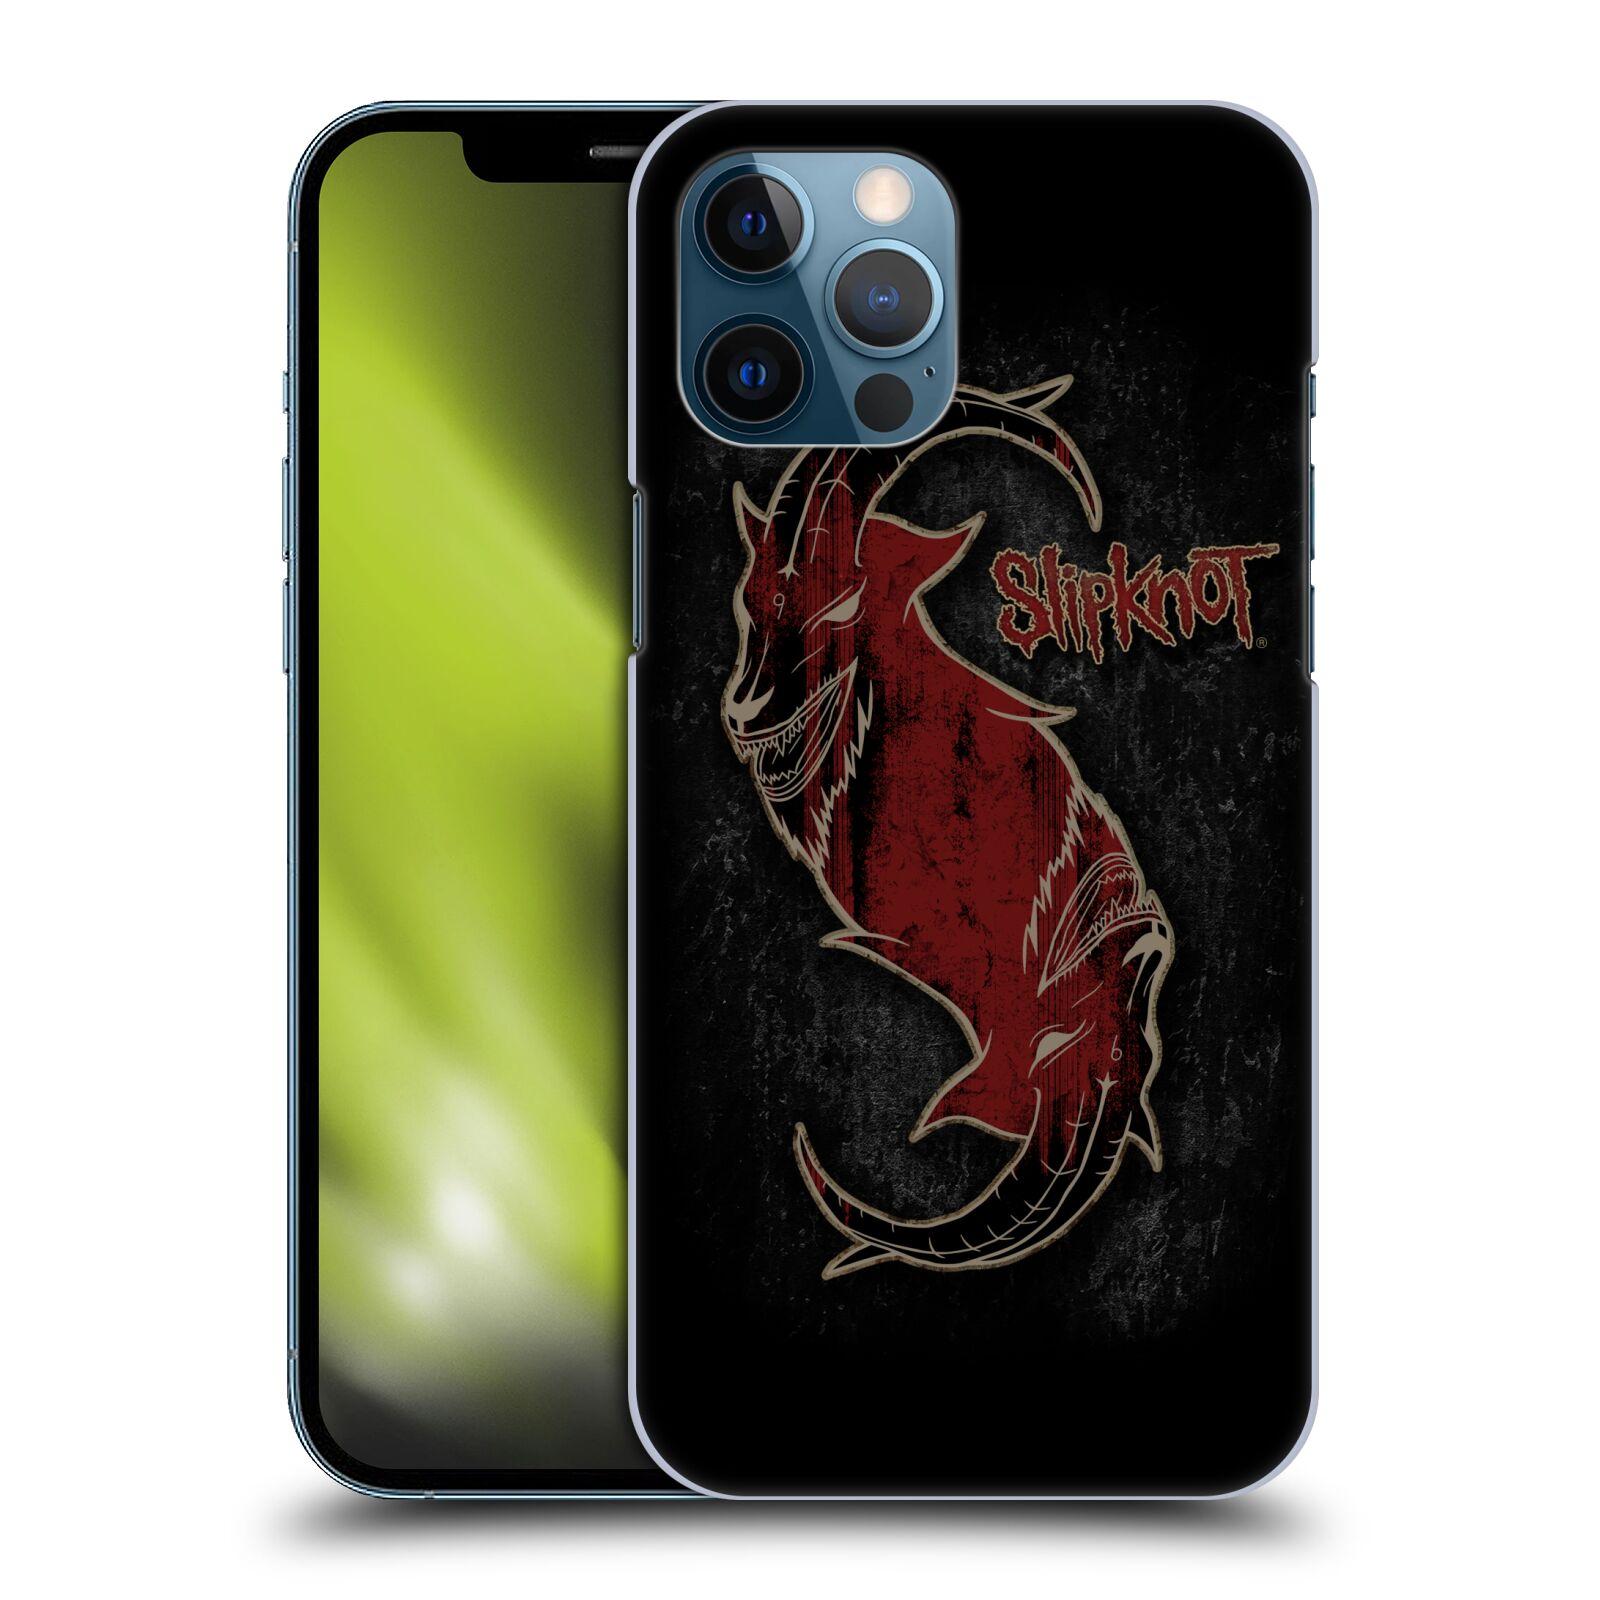 Plastové pouzdro na mobil Apple iPhone 12 Pro Max - Head Case - Slipknot - Rudý kozel